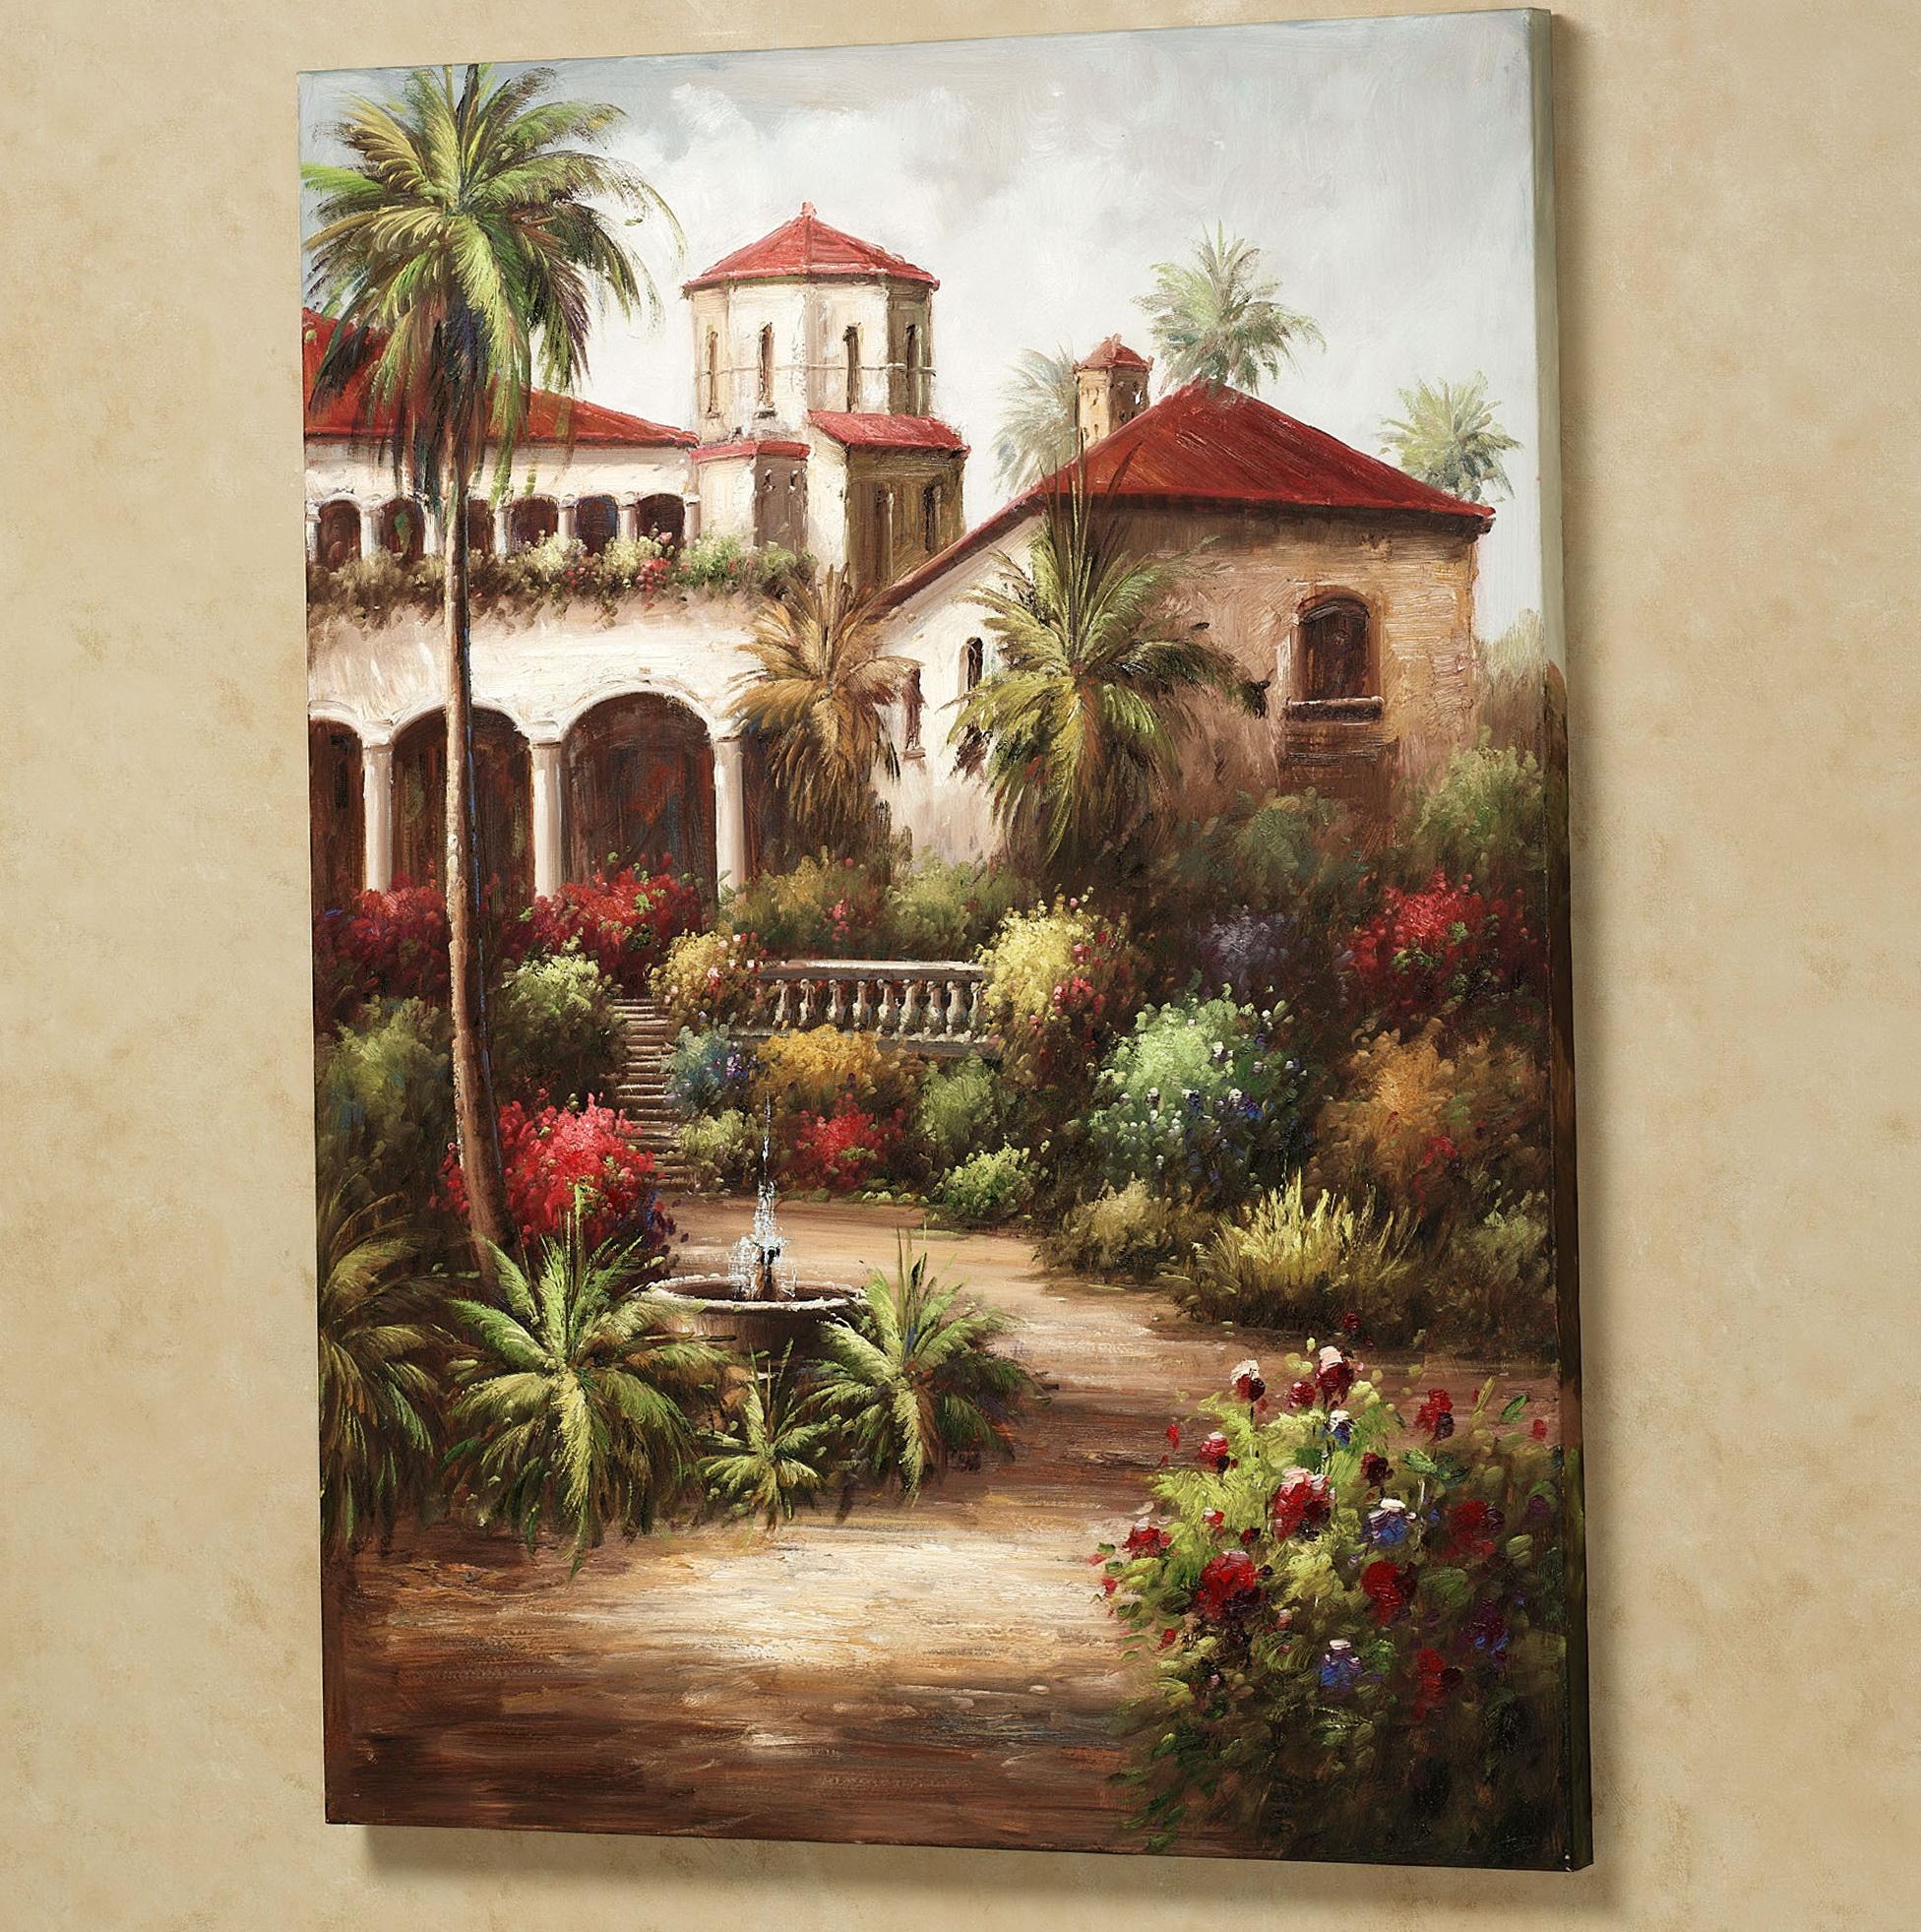 Tuscan Wall Art Prints